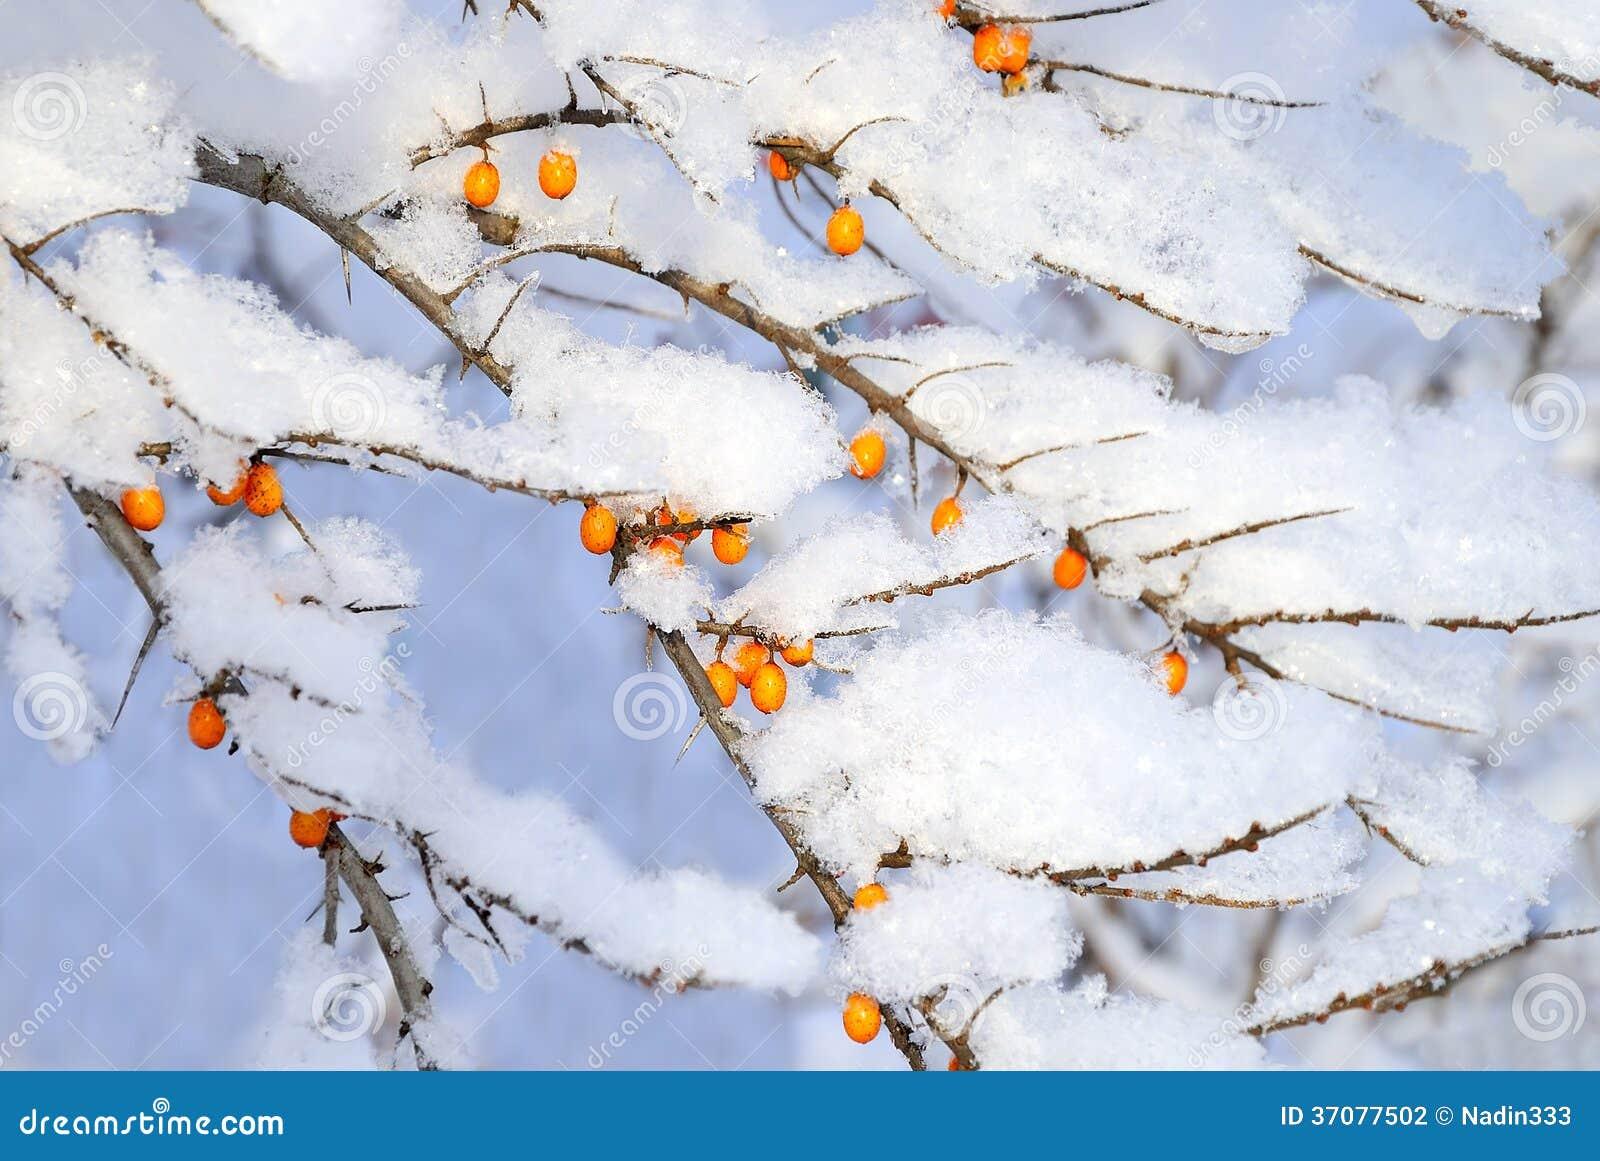 Download Jagody pod śniegiem zdjęcie stock. Obraz złożonej z natura - 37077502